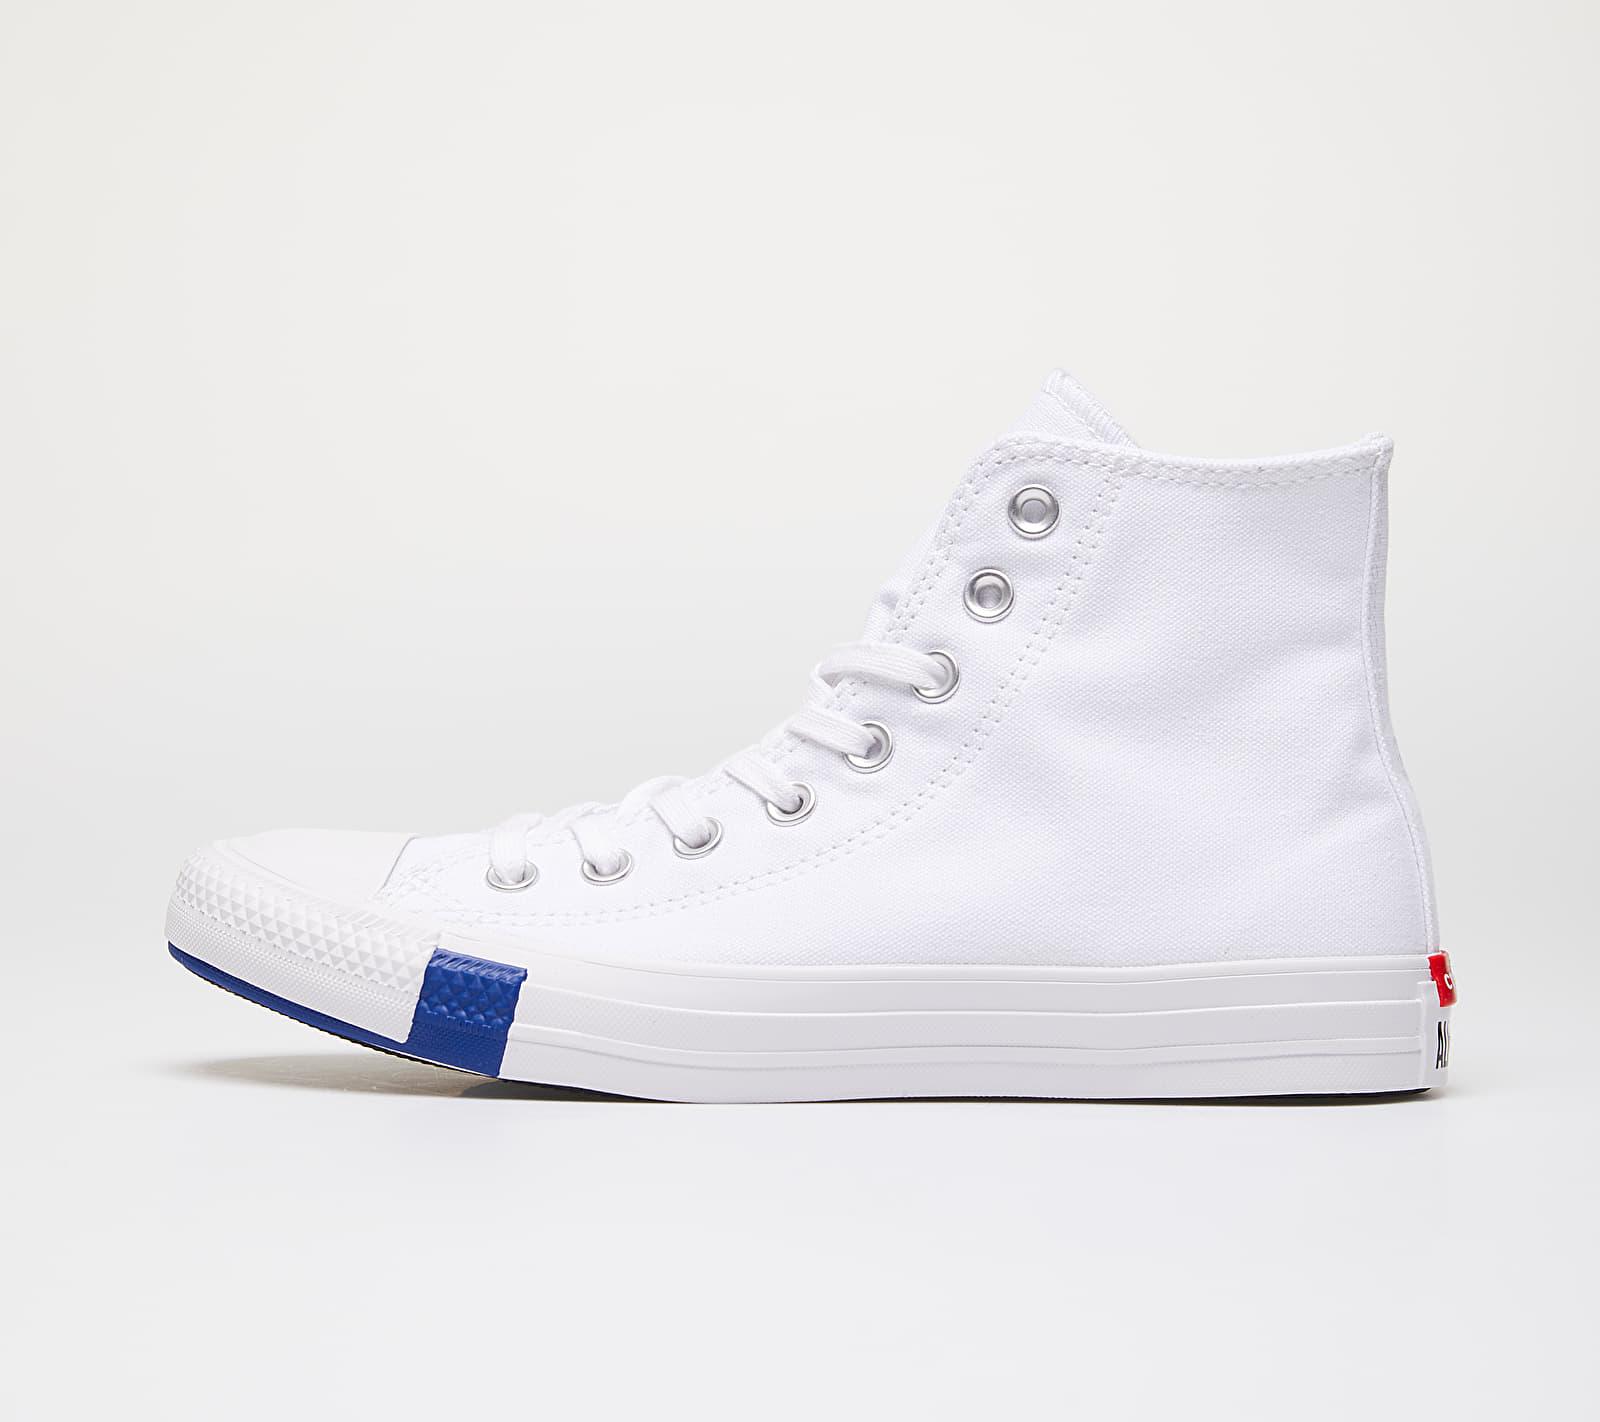 Converse Chuck Taylor All Star Hi White/ Rush Blue EUR 36